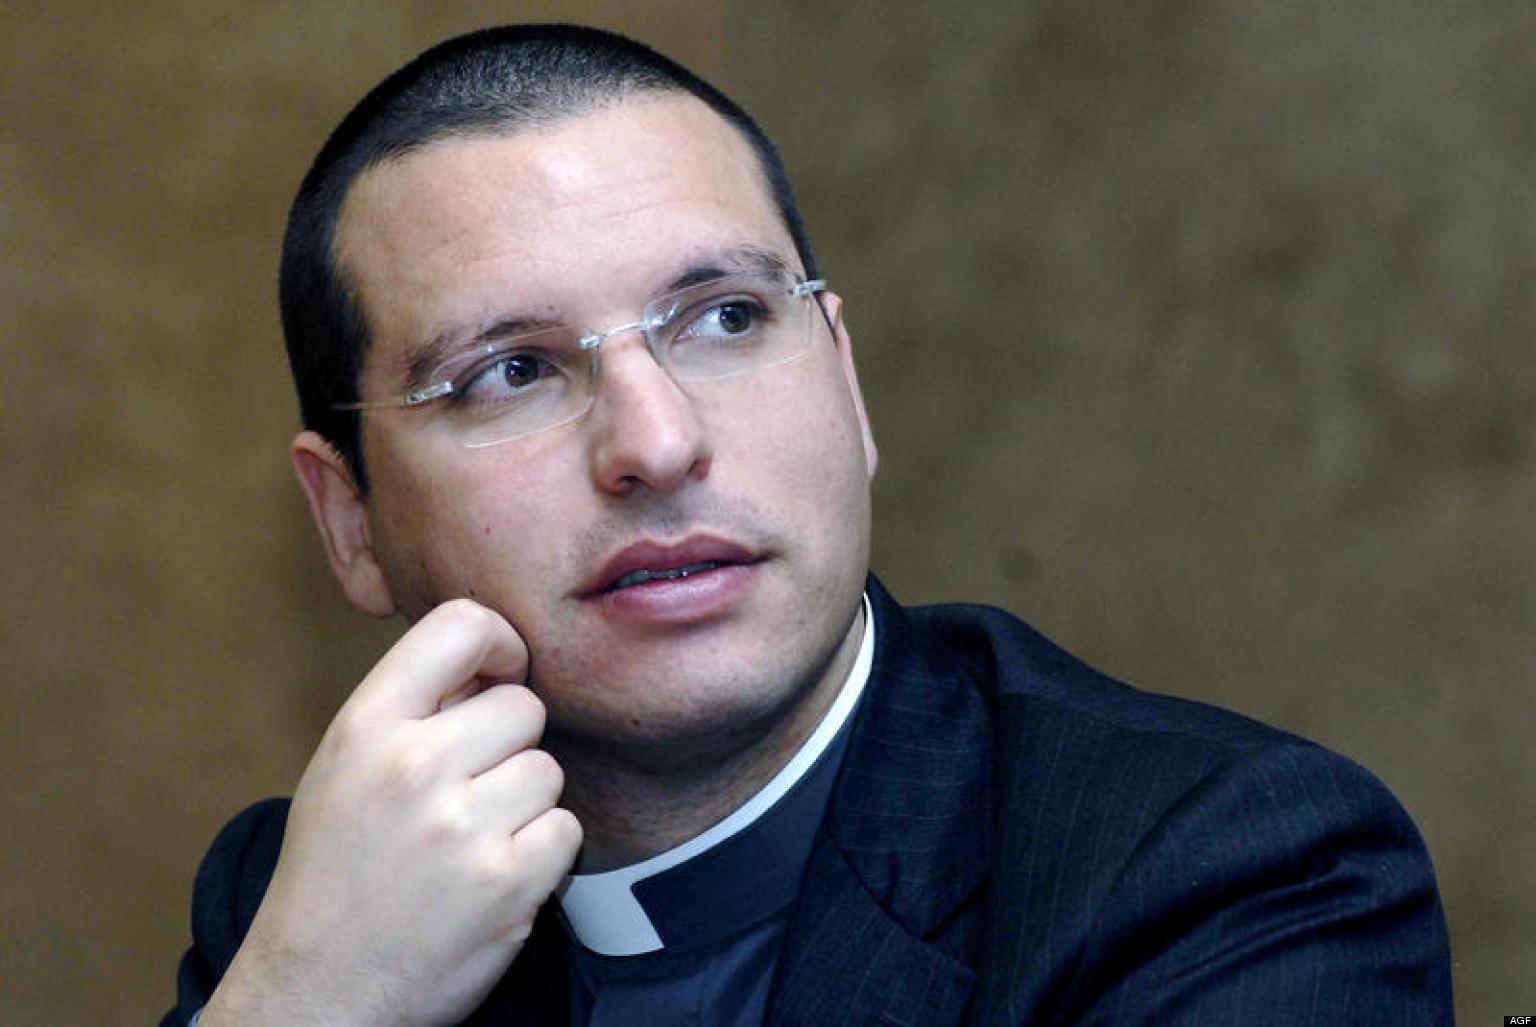 12/04/2007 Roma, ' Ad alta voce ' convegno sulle infiltrazioni mafiose nel settore economico. Nella foto il sacerdote anti camorra don Luigi Merola